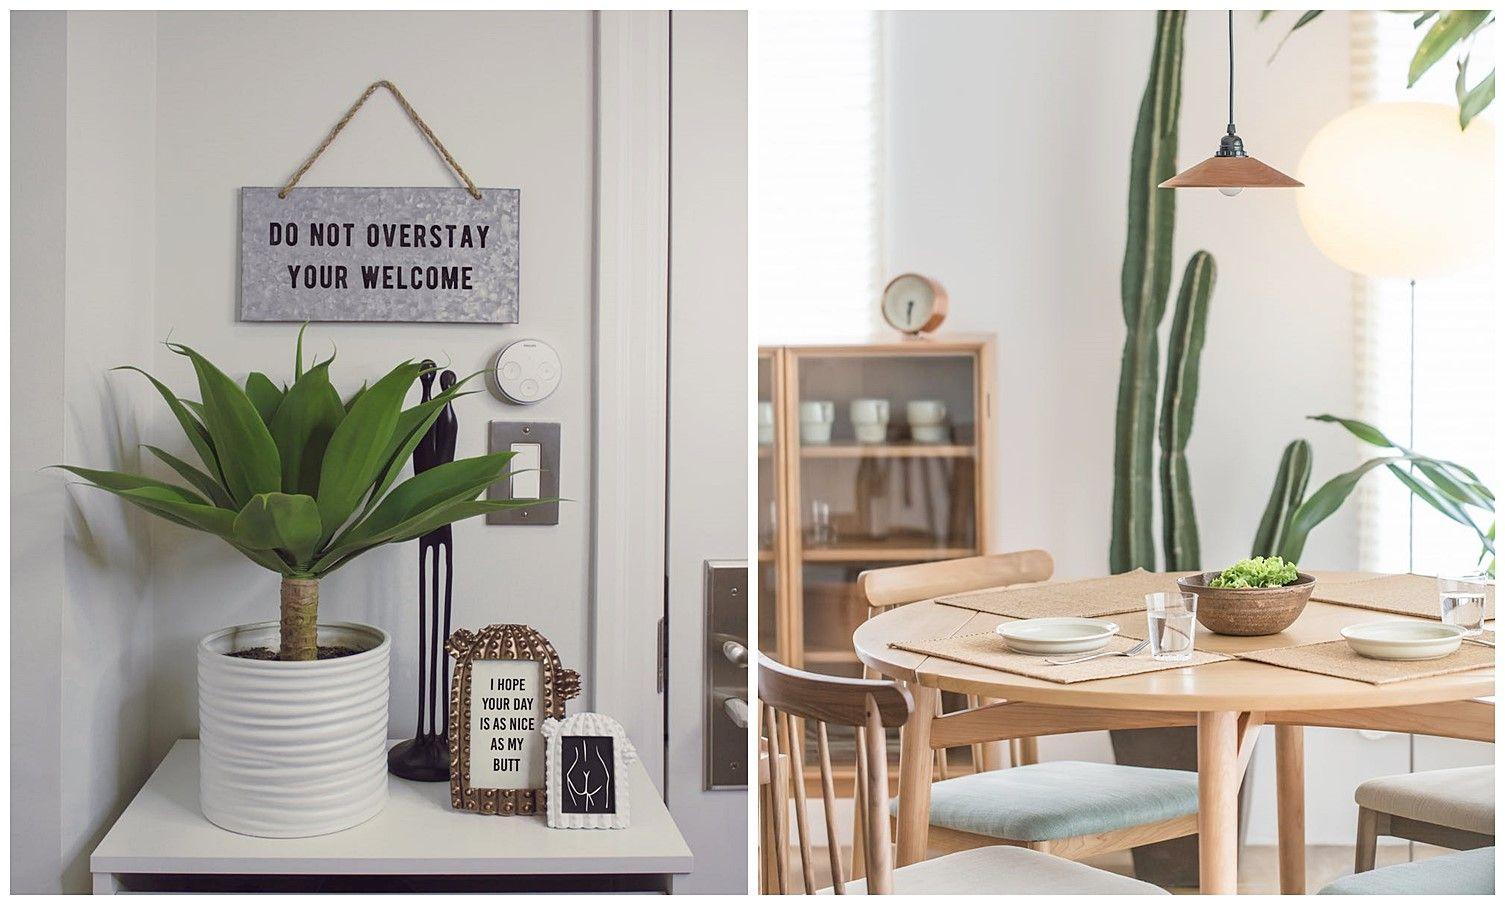 Interiorismo funcional, práctico, orden y limpieza para aumentar tu bienestar en casa, beneficios esenciales de un buen interiorismo @Utrillanais